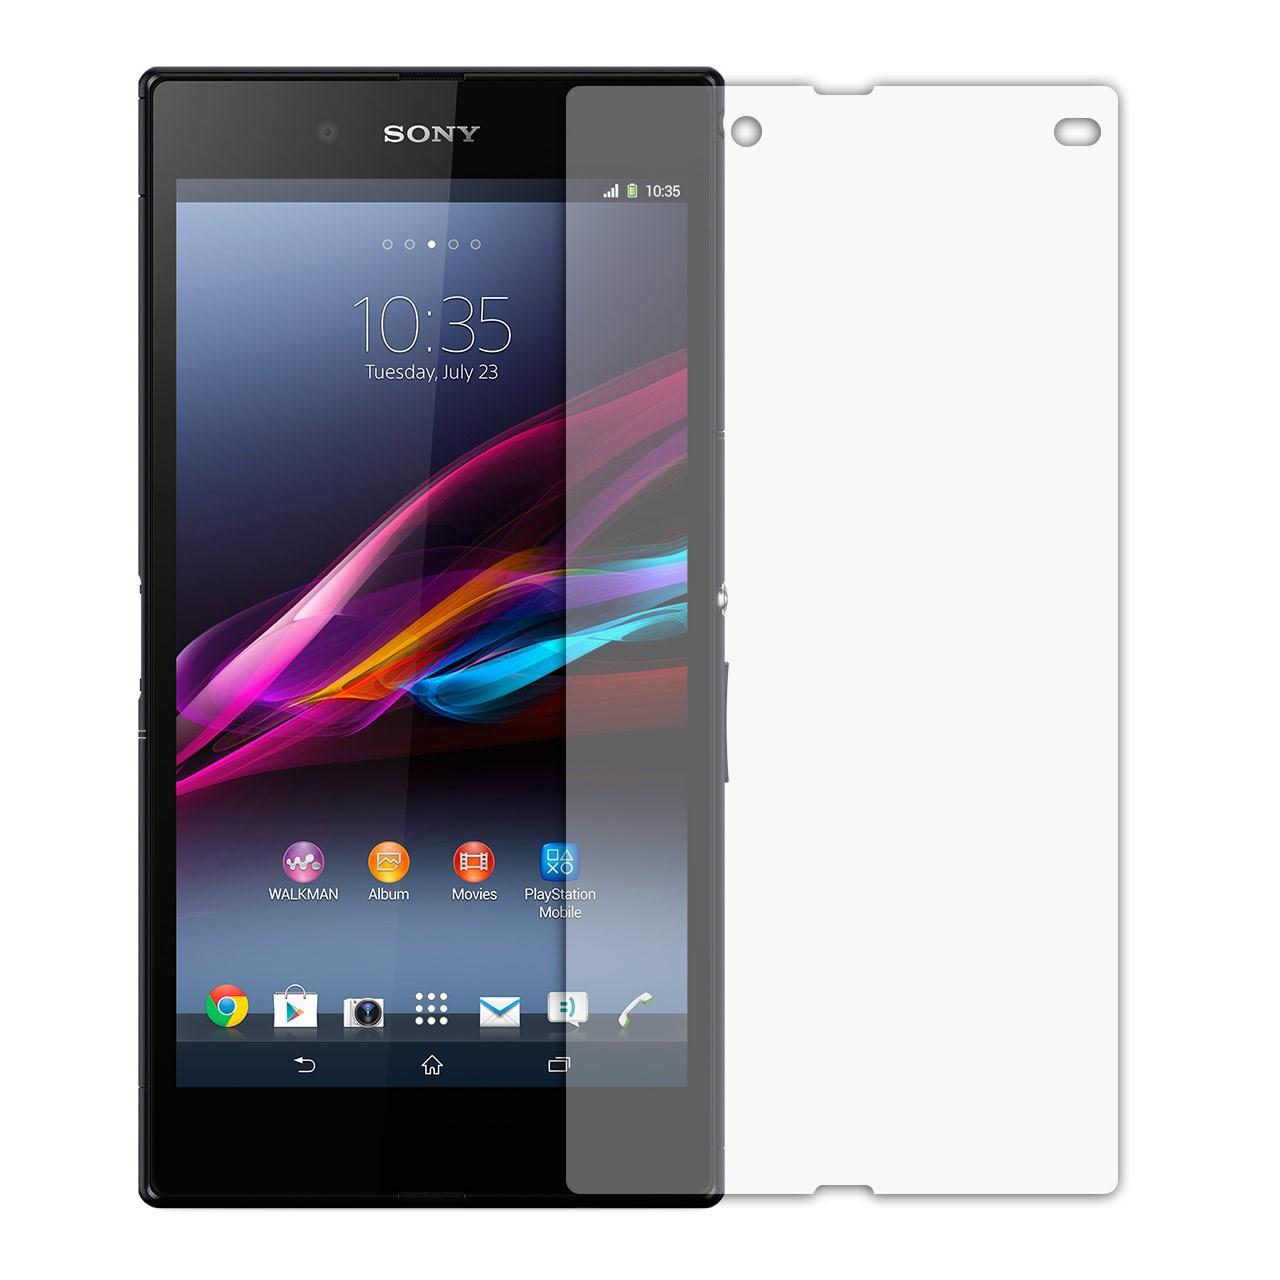 محافظ صفحه نمایش شیشه ای مدل Tempered مناسب برای گوشی موبایل سونی Xperia Z